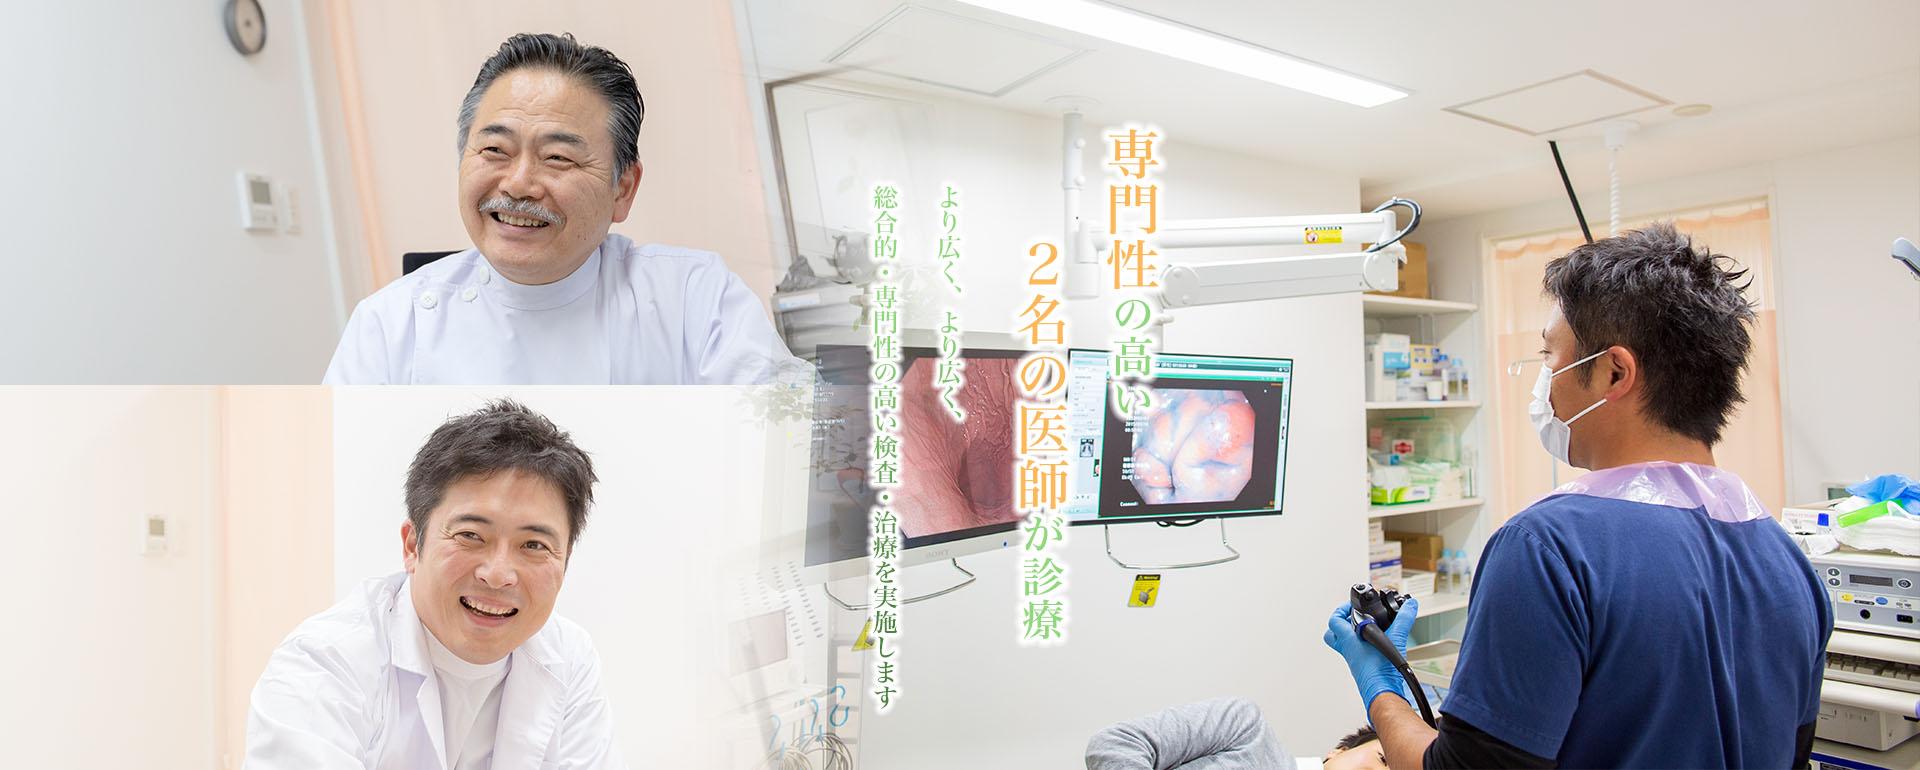 専門性の高い2名の医師が診療